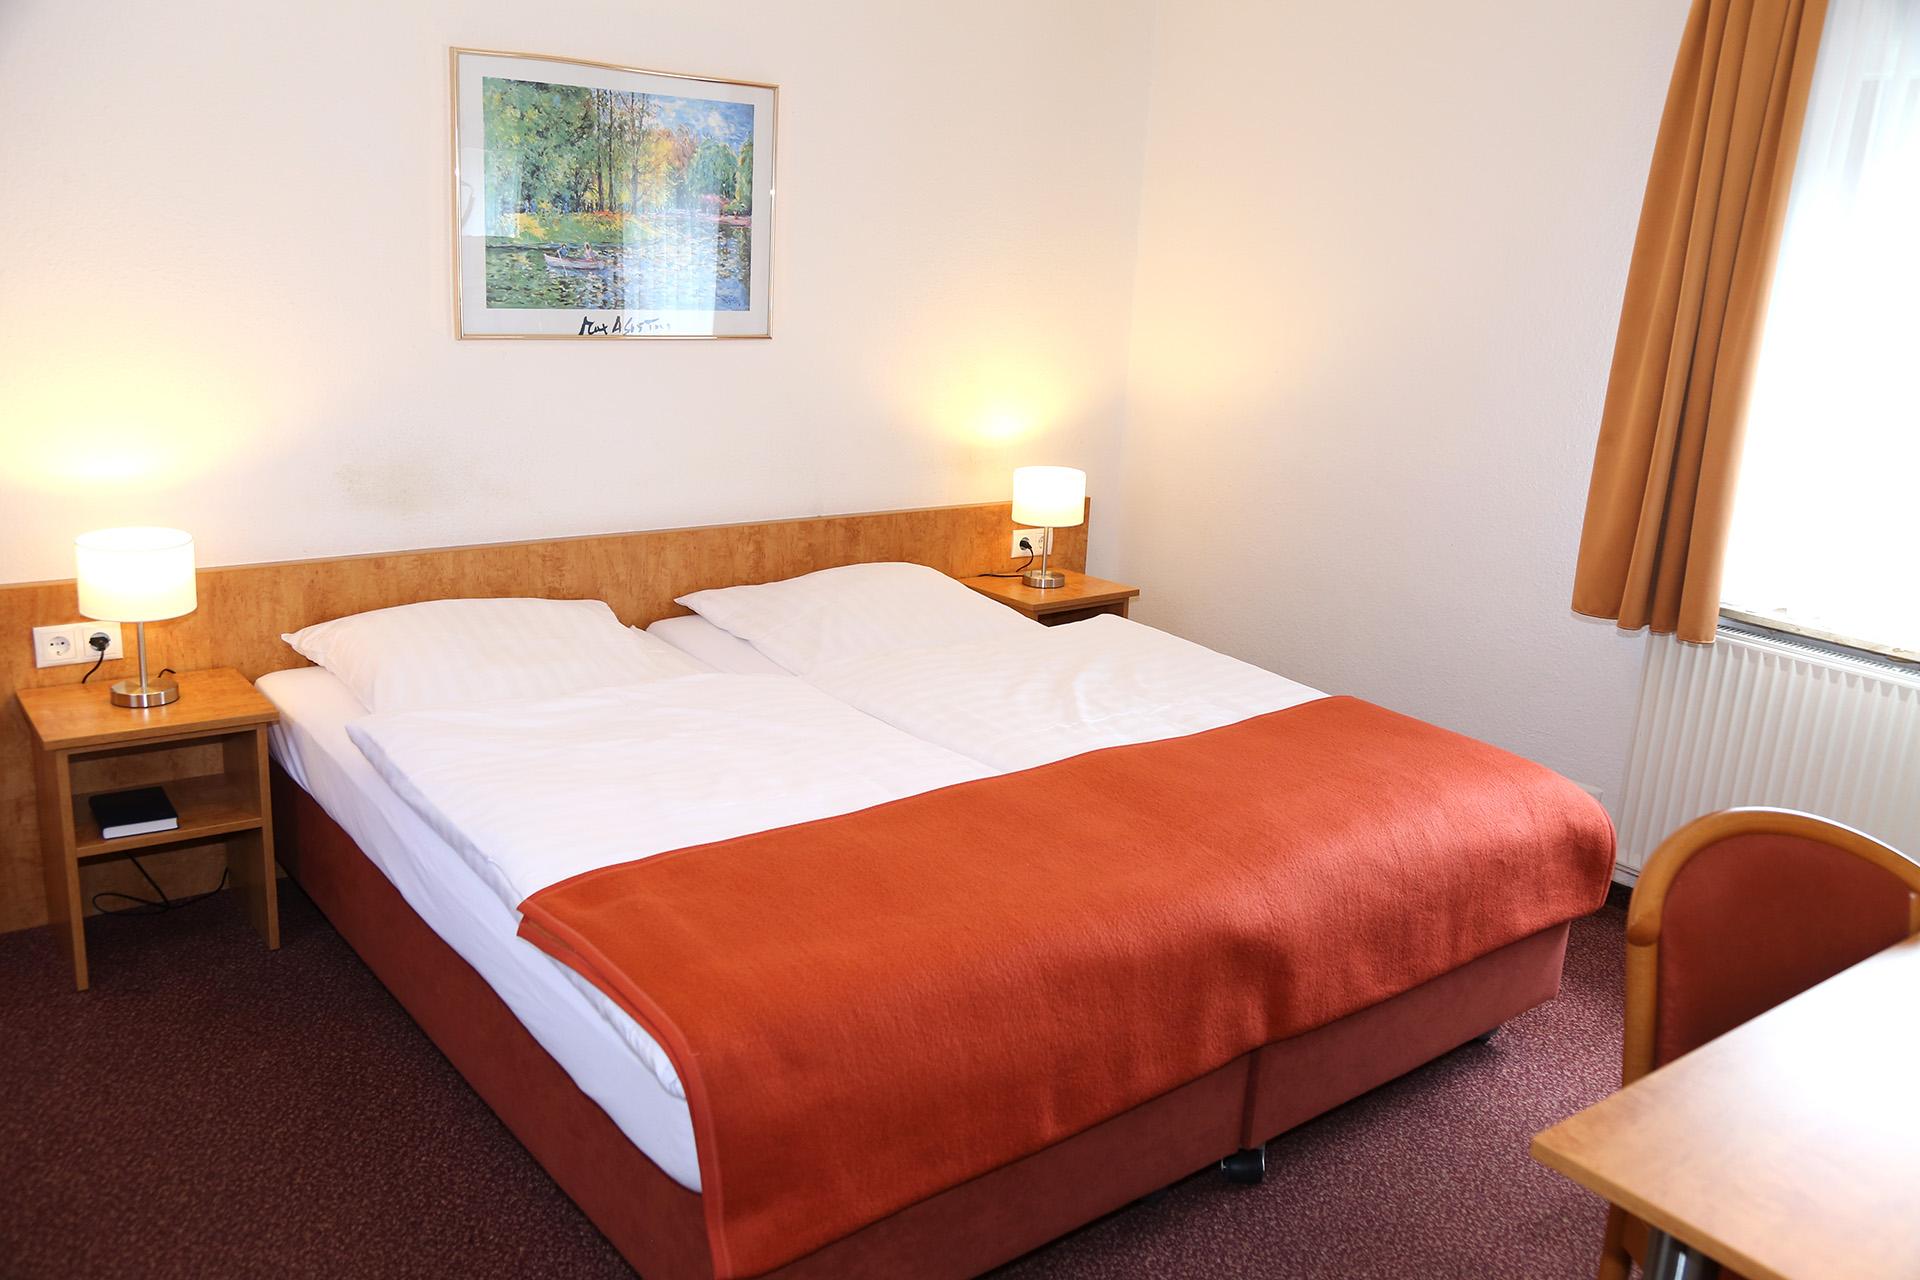 Hotel Bonn Doppelzimmer B Bett